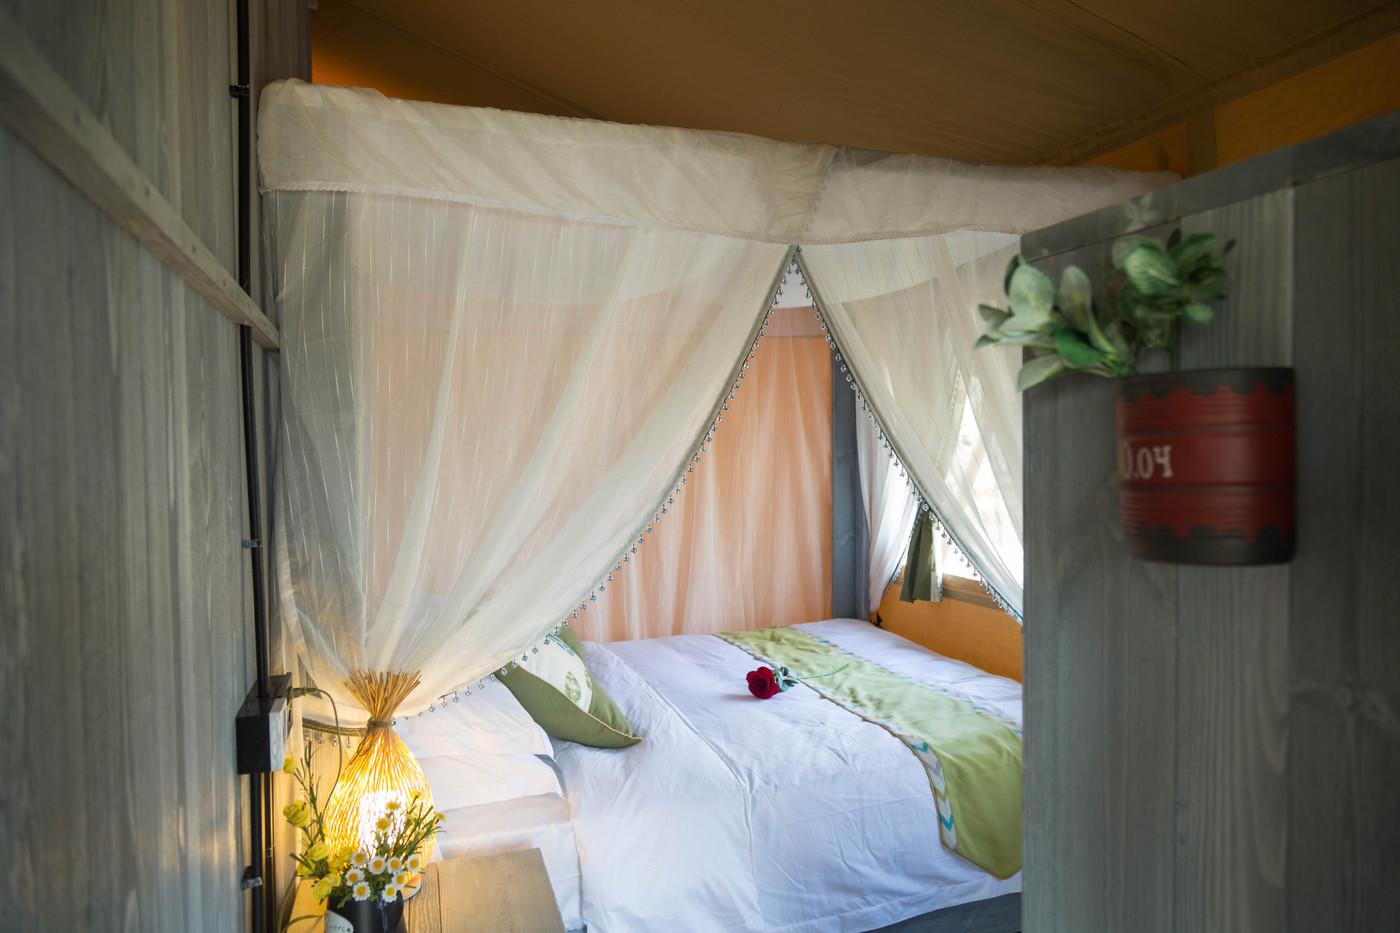 喜马拉雅野奢帐篷酒店—安徽砀山东篱蓬芦(梨园62平)21